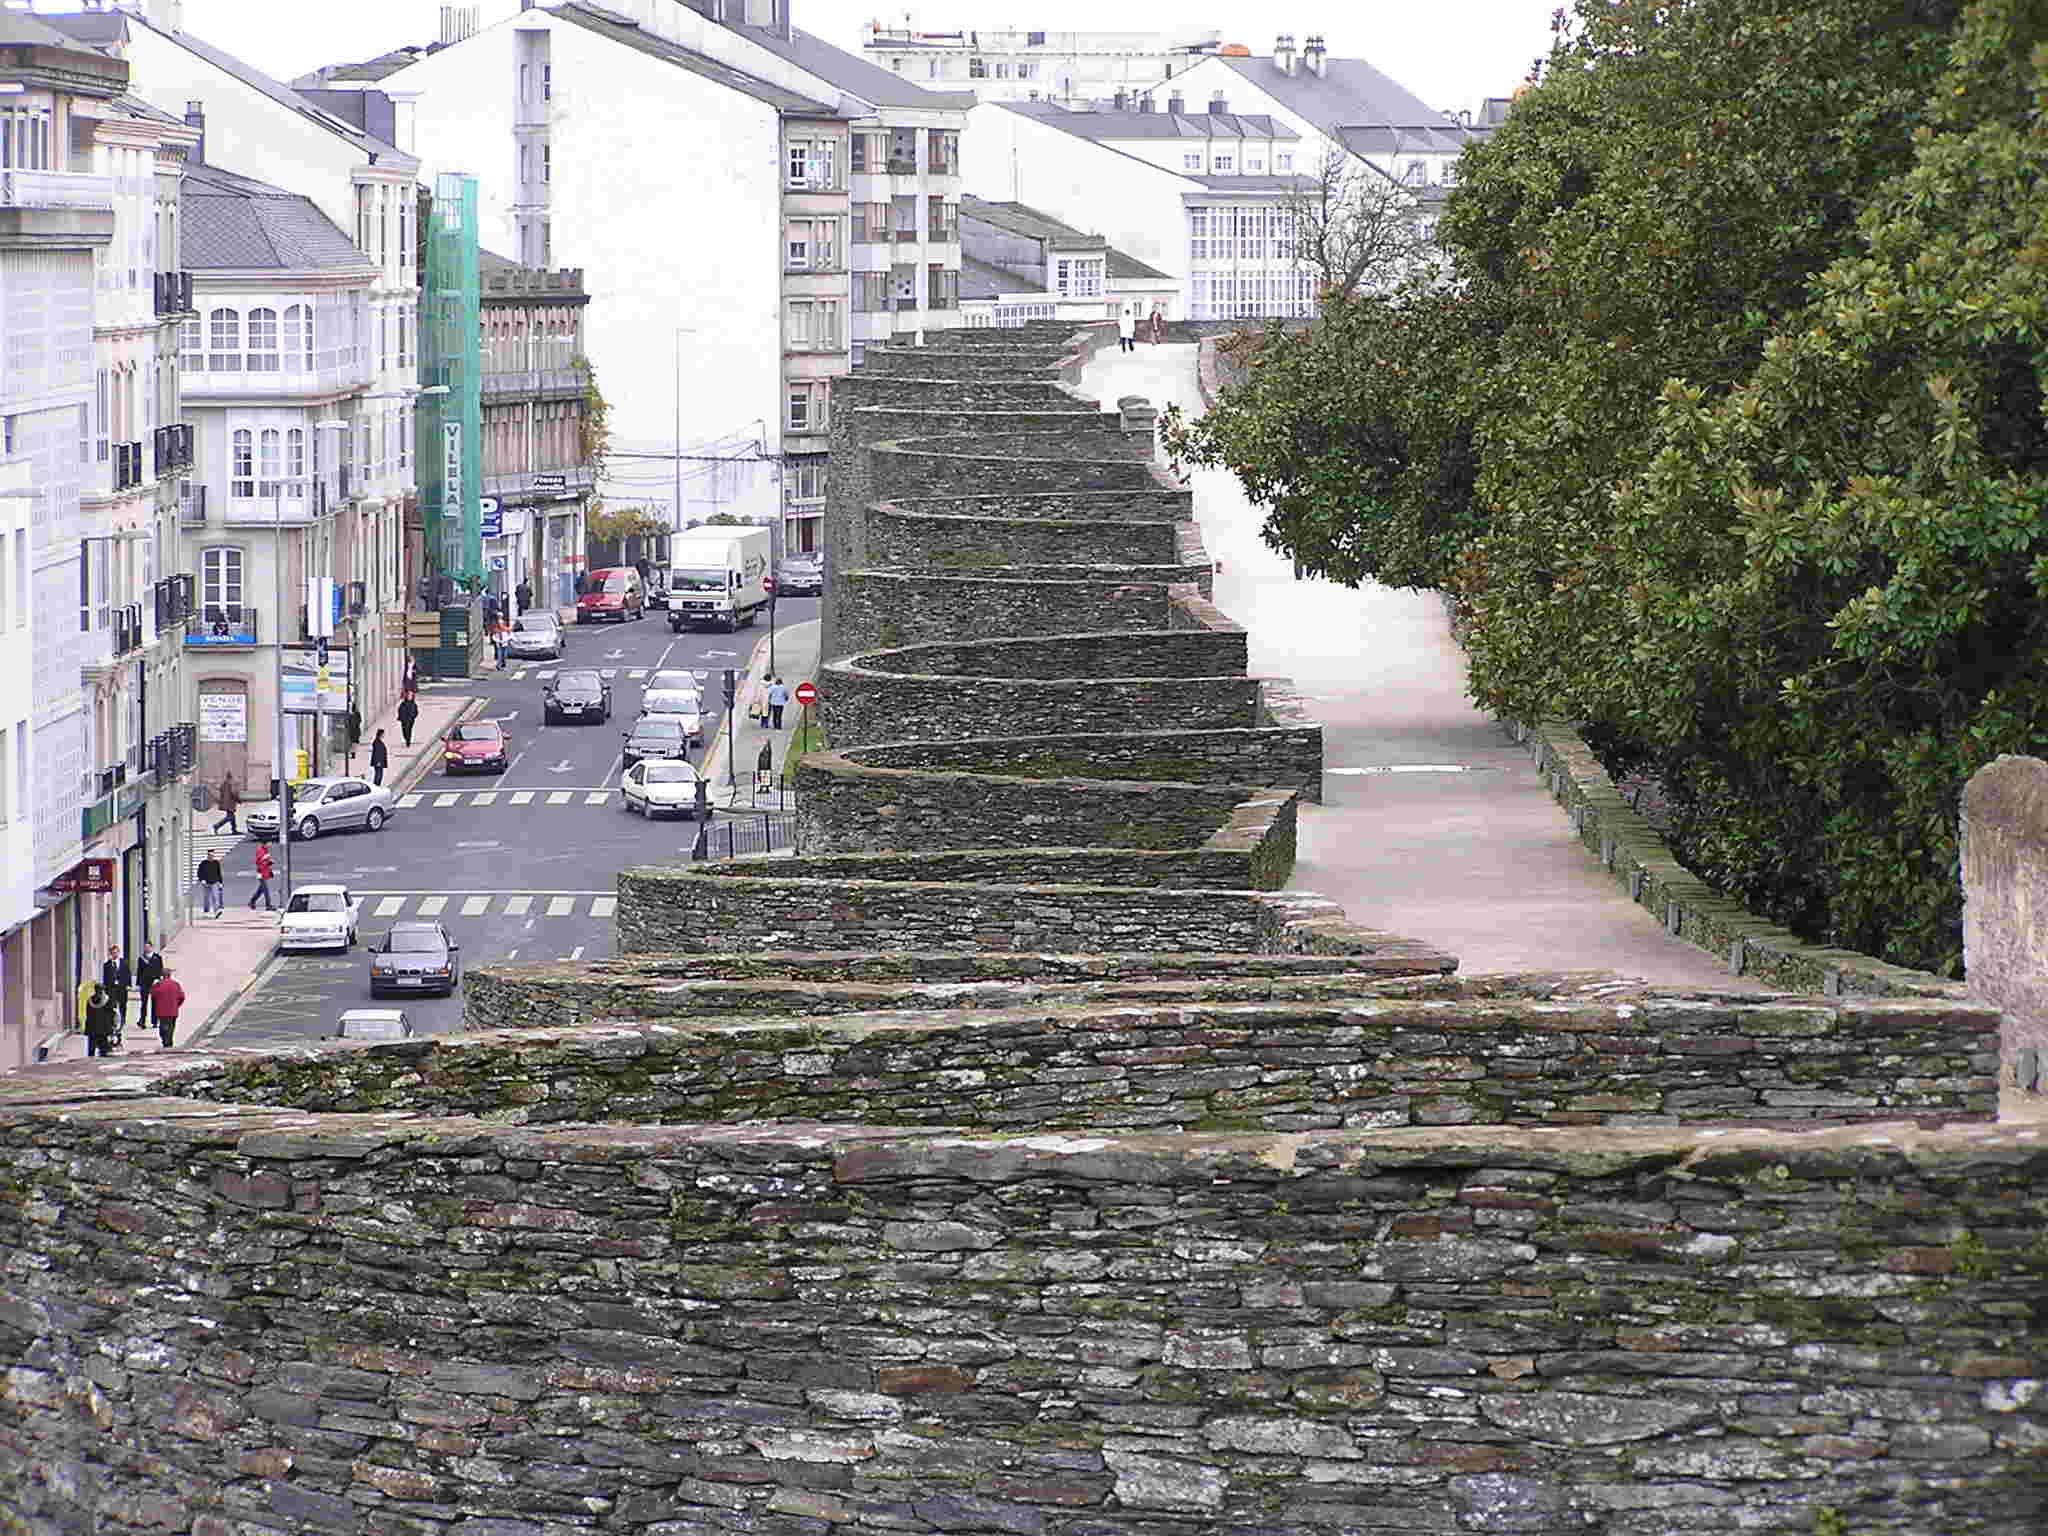 Lugo - Página 4 Lugo_s10